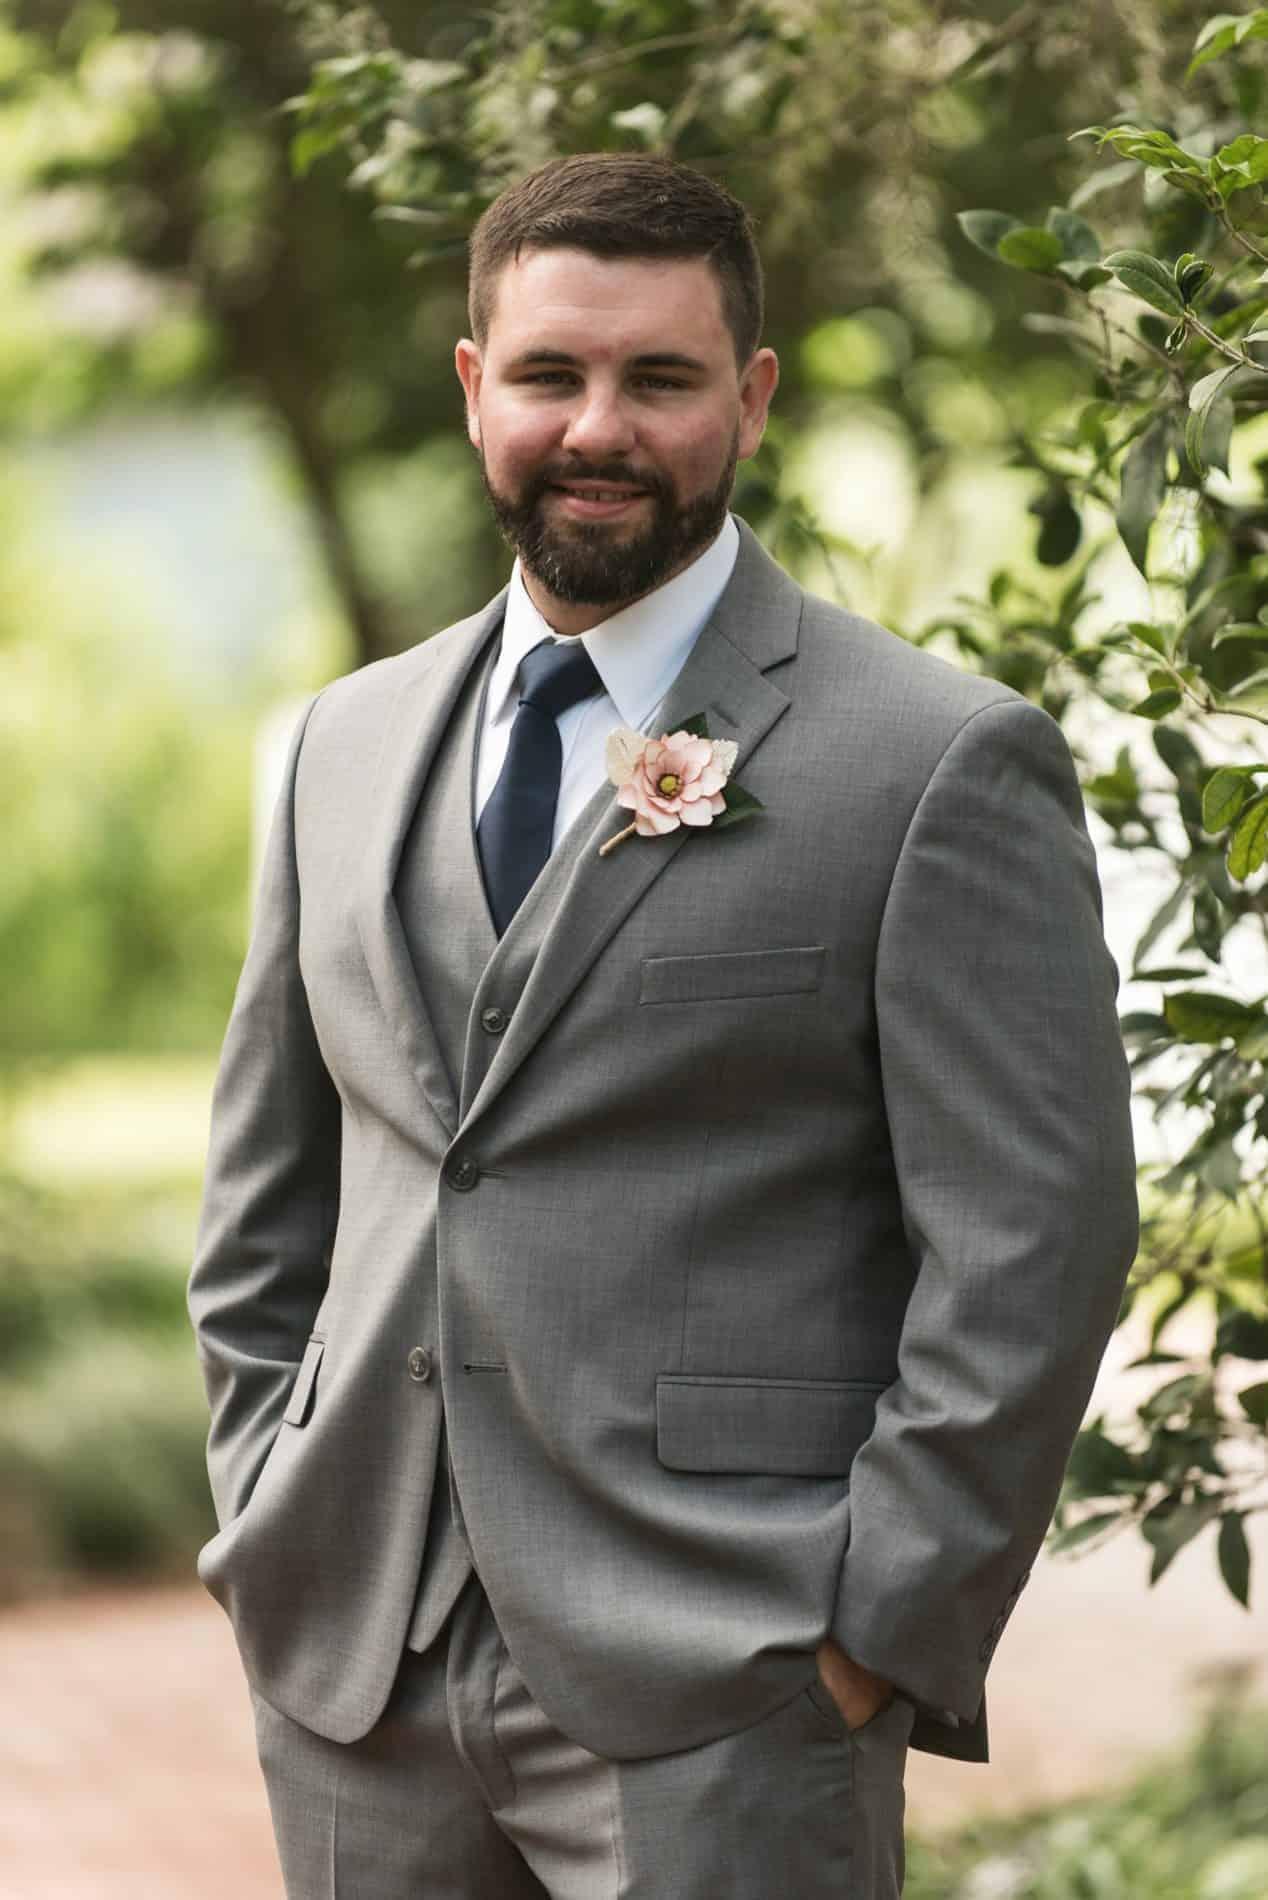 Wedding Ceremonies Outdoors